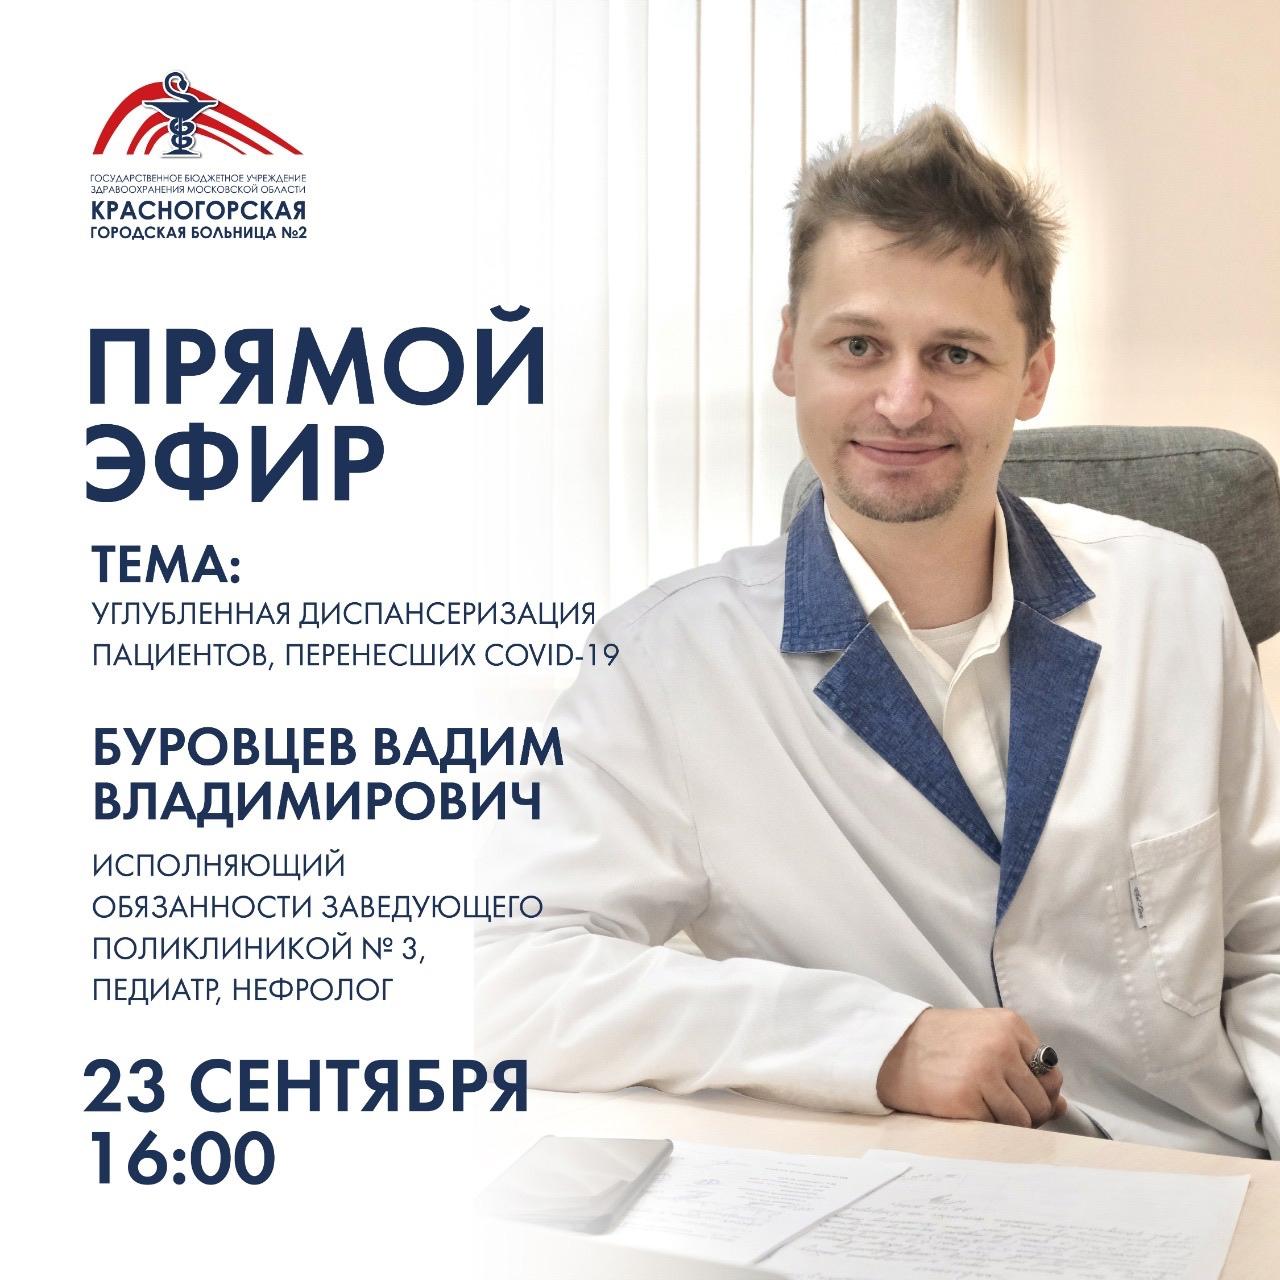 23 сентября в 16:00 состоится прямой эфир в инстаграм с исполняющим обязанности заведующего поликлиникой № 3, педиатром, нефрологом Буровцевым Вадимом Владимировичем